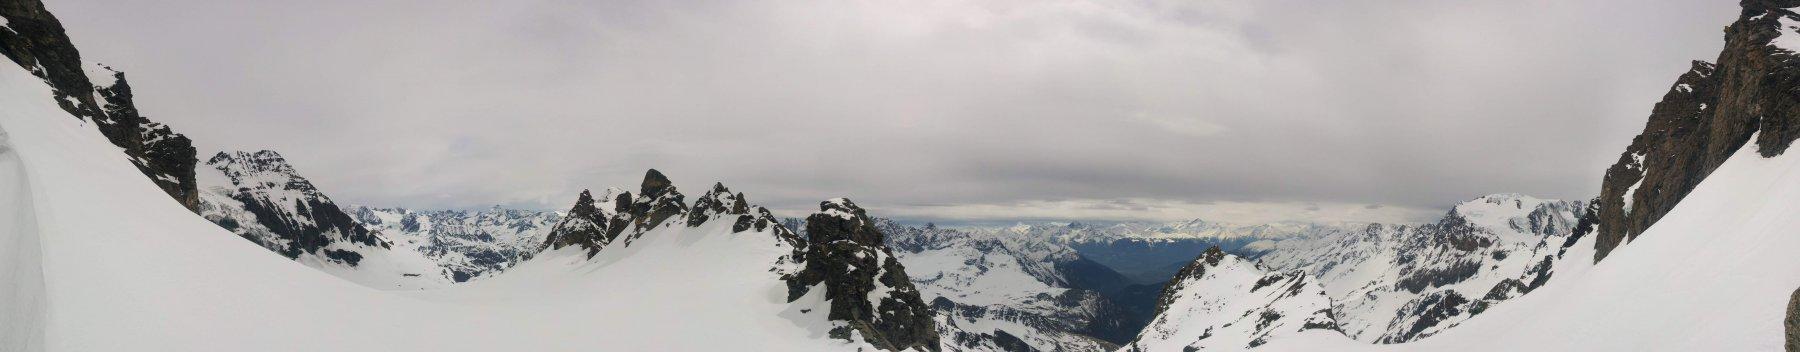 Dal colle dell'Amianthe: a sinistra la discesa in lato elvetico a destra la salita dal versante italiano